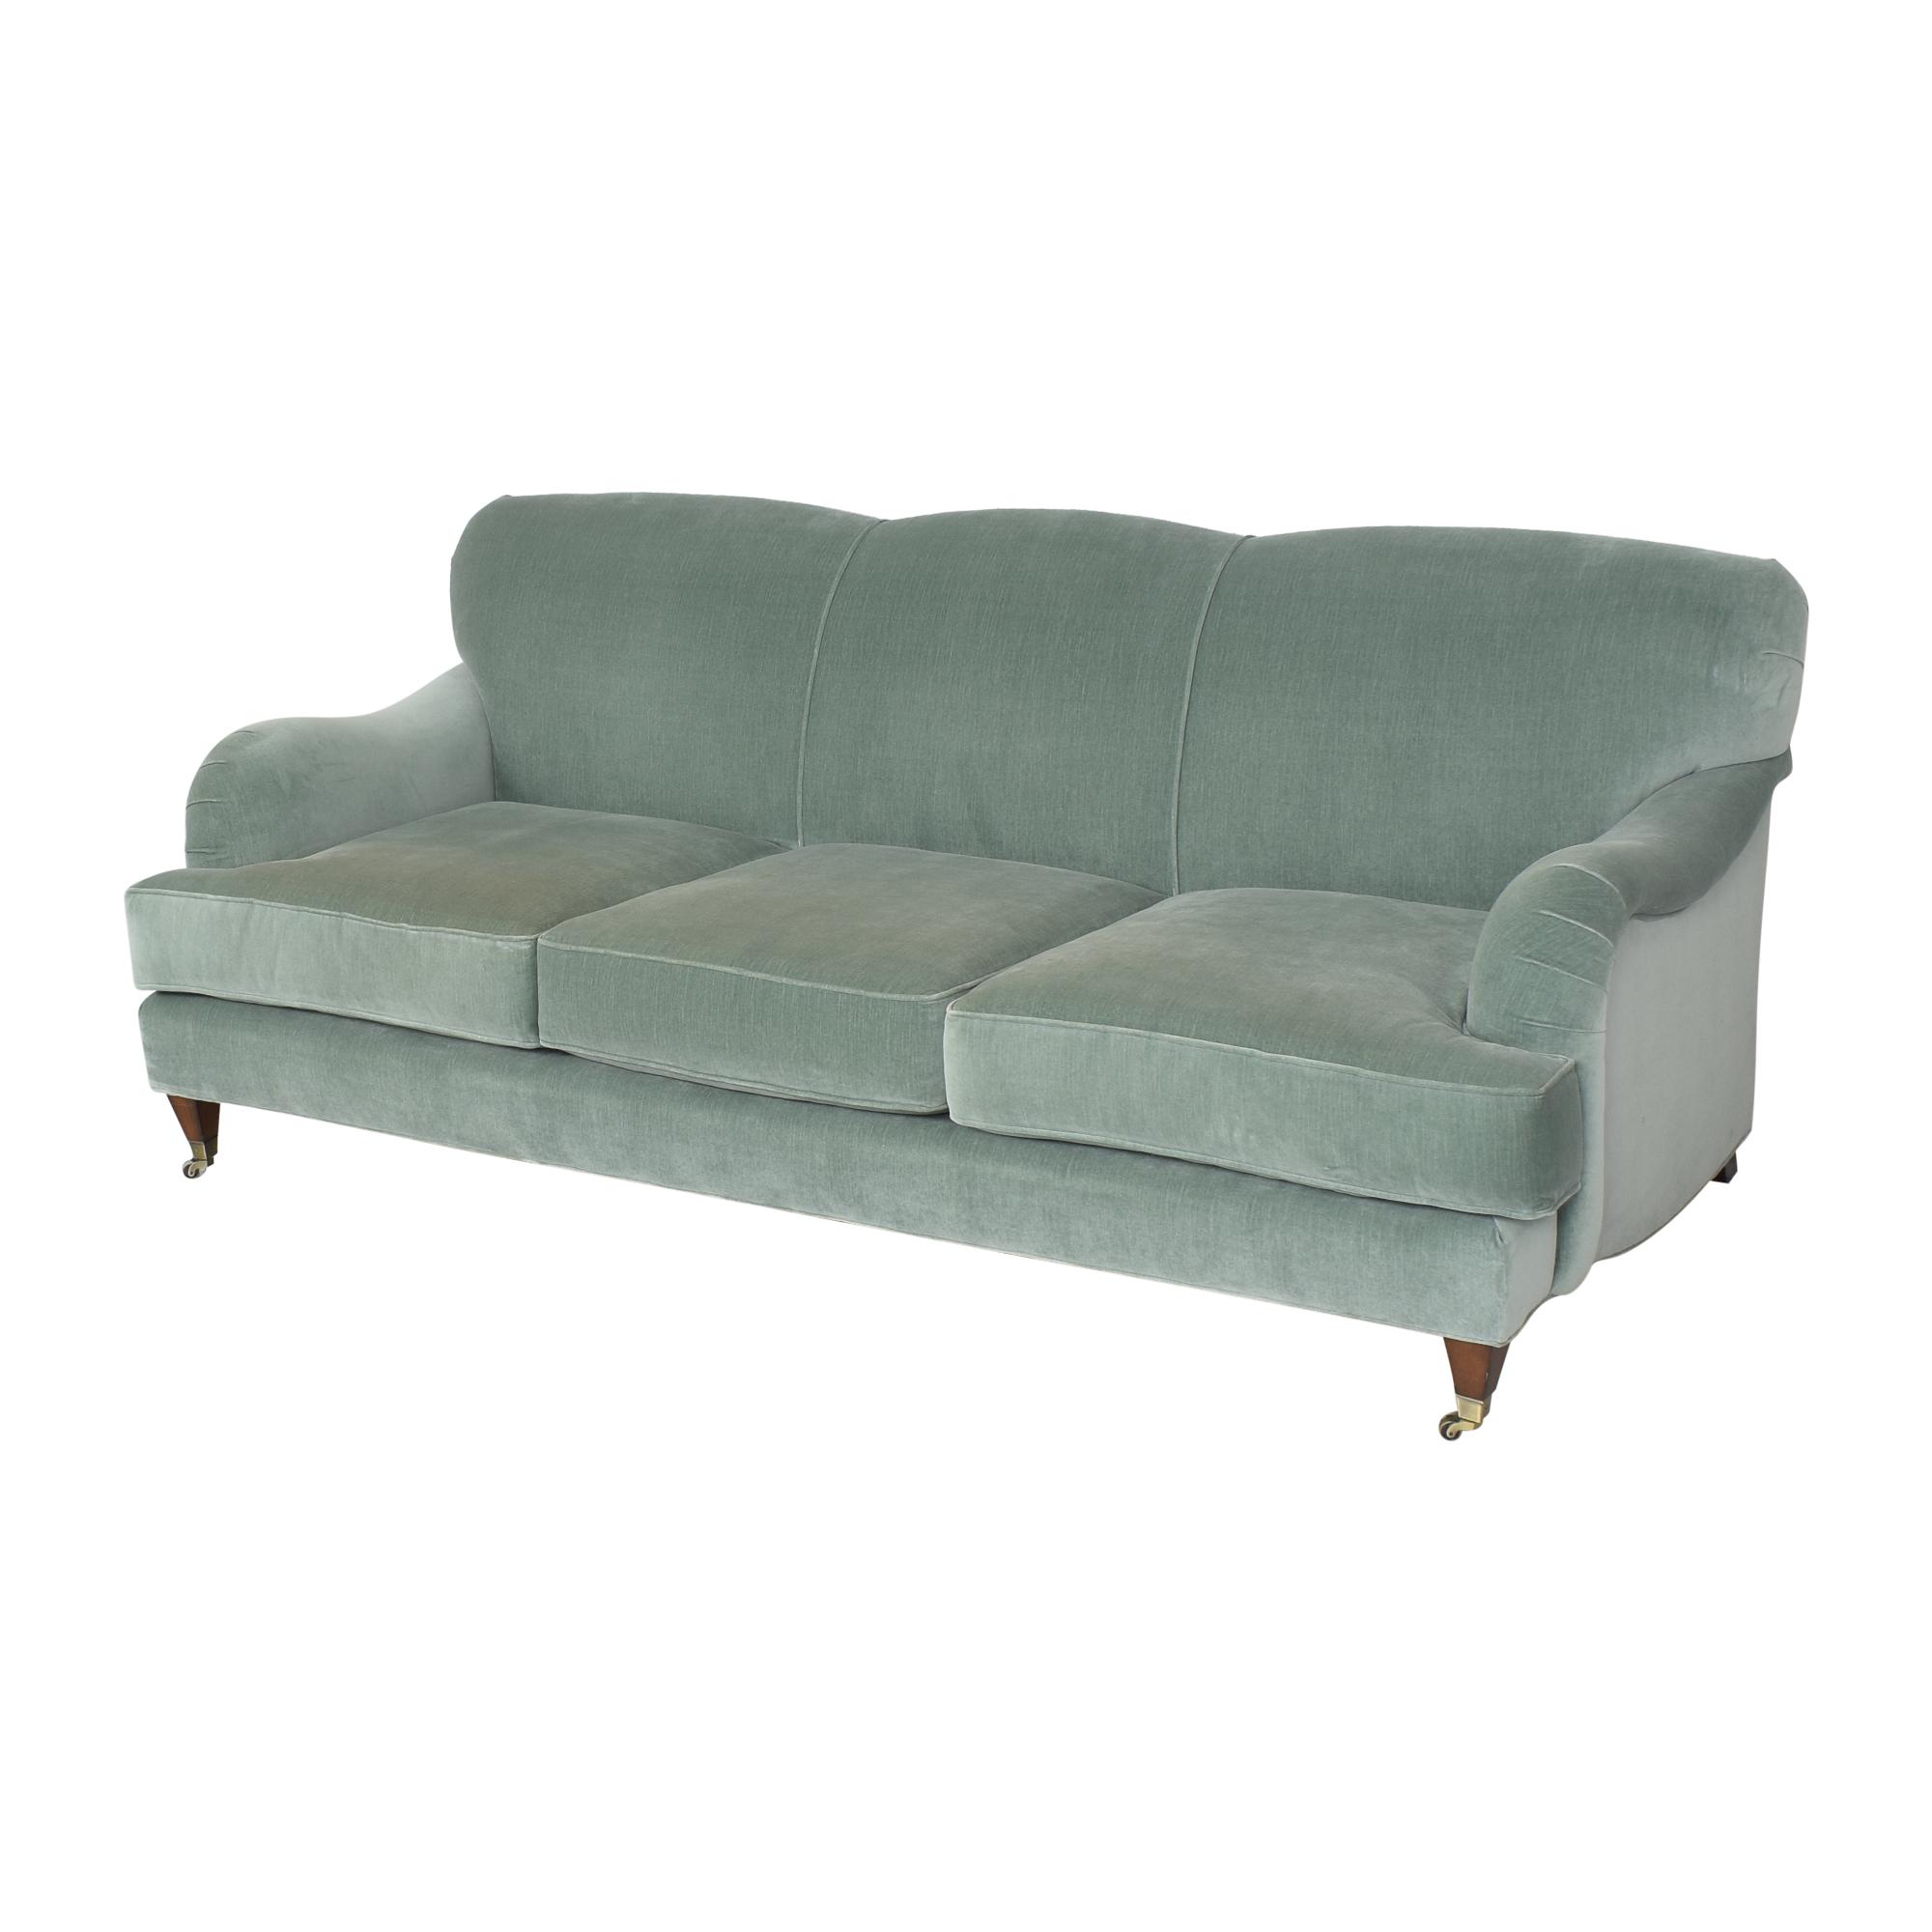 COCOCO COCOCO English Arm Tight Back Sofa Classic Sofas